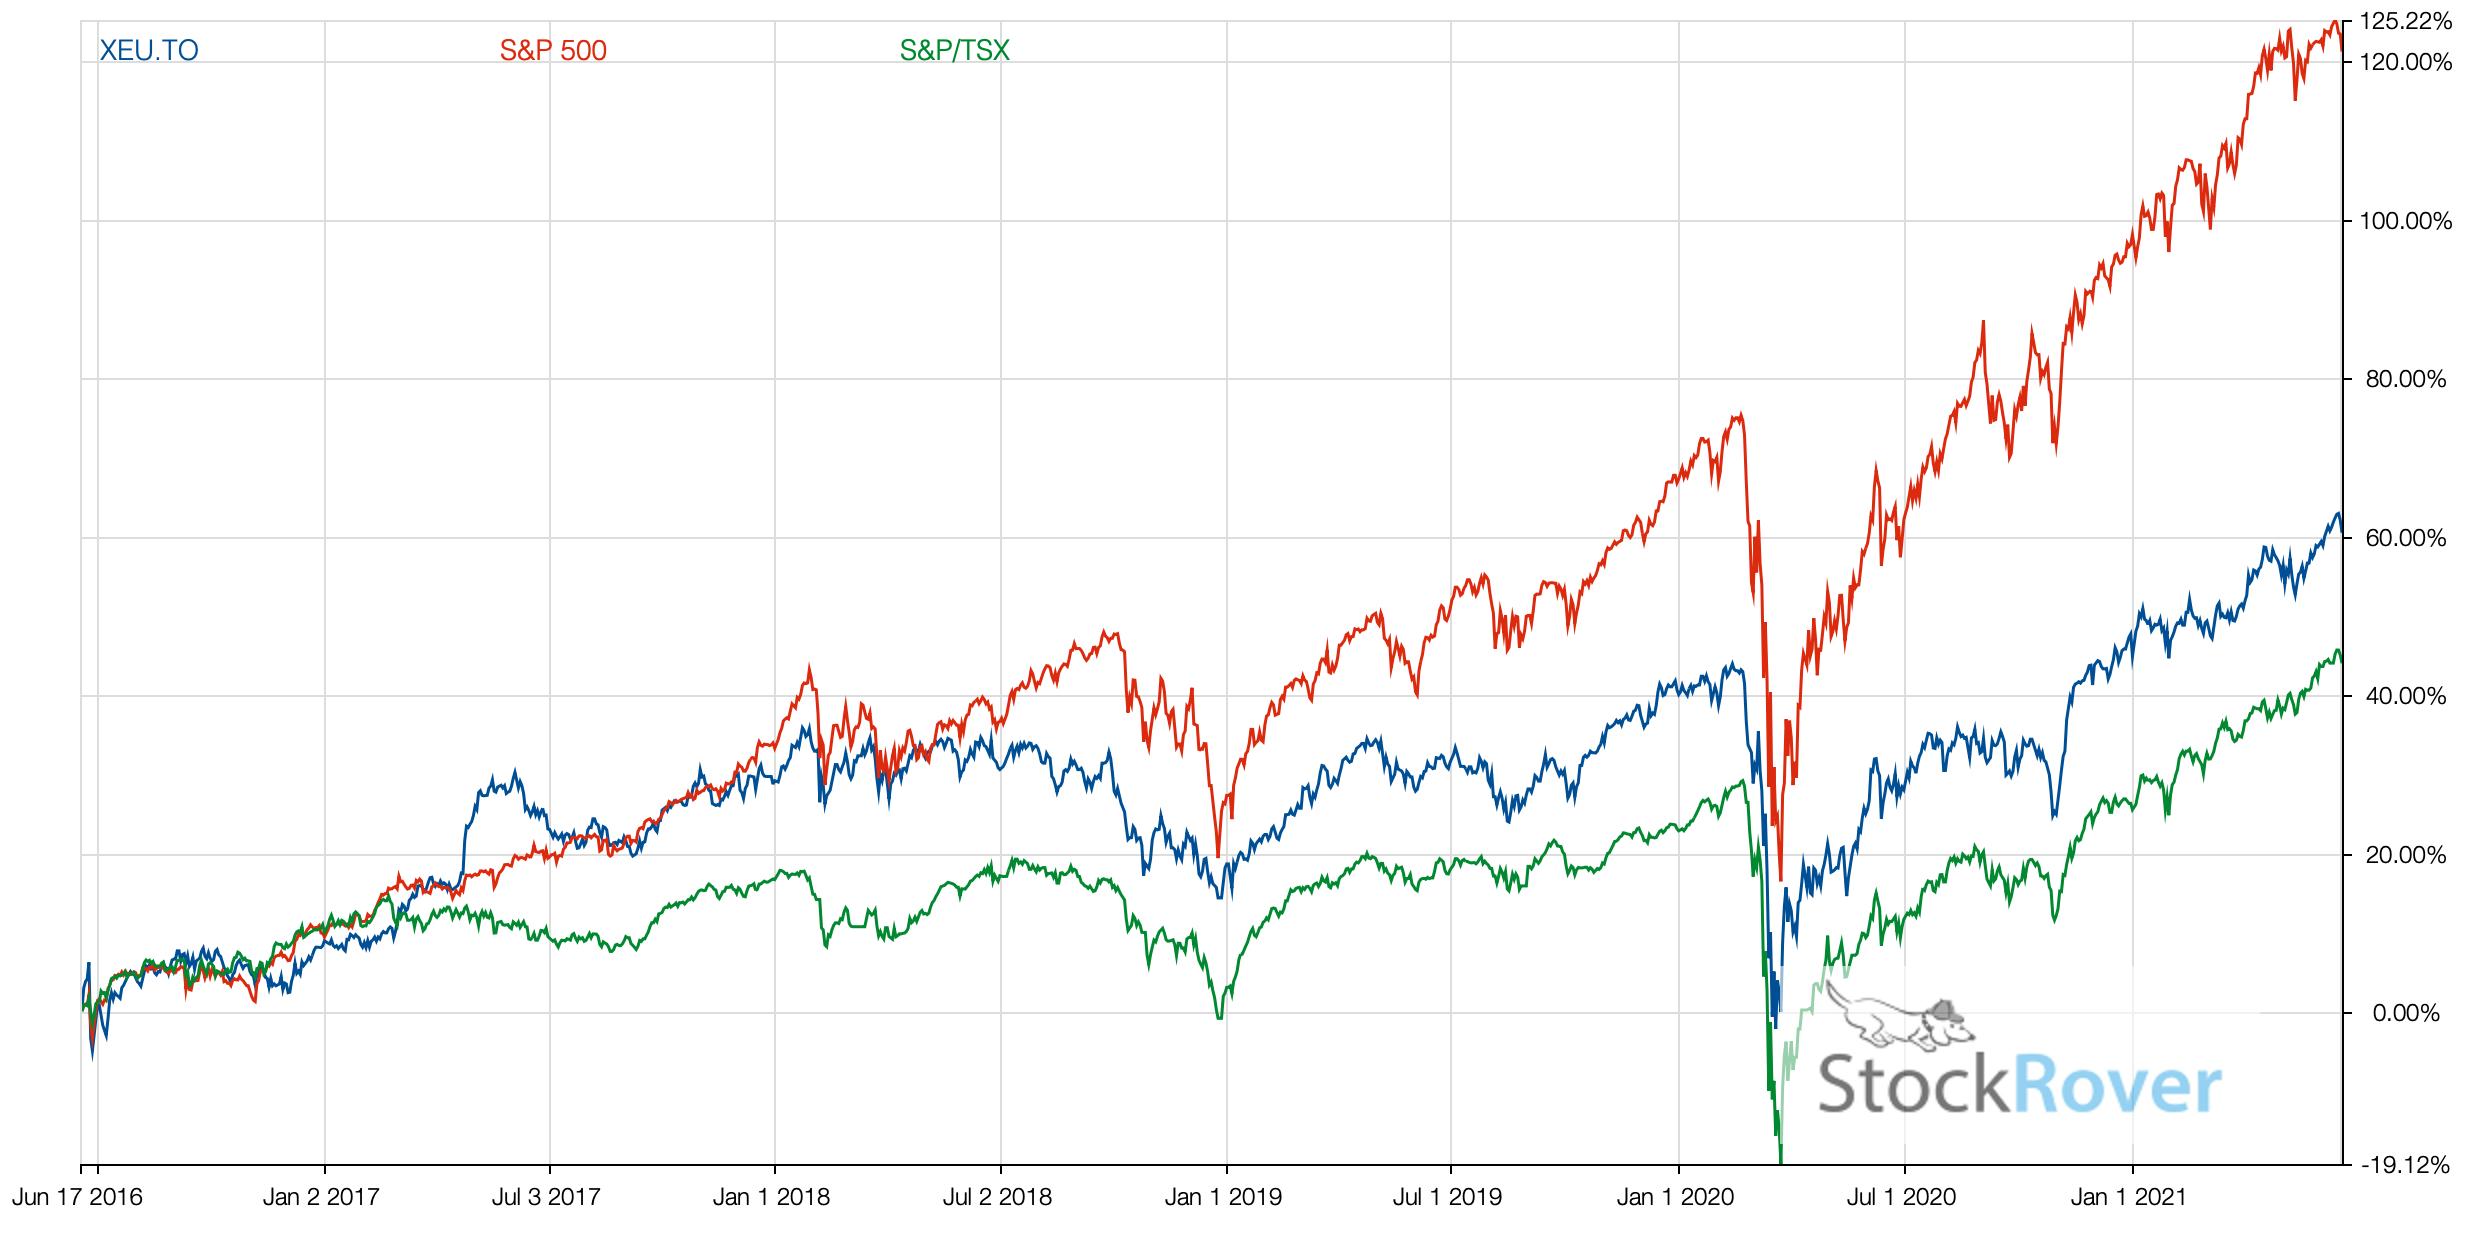 XEU vs TSX vs SP500 2021